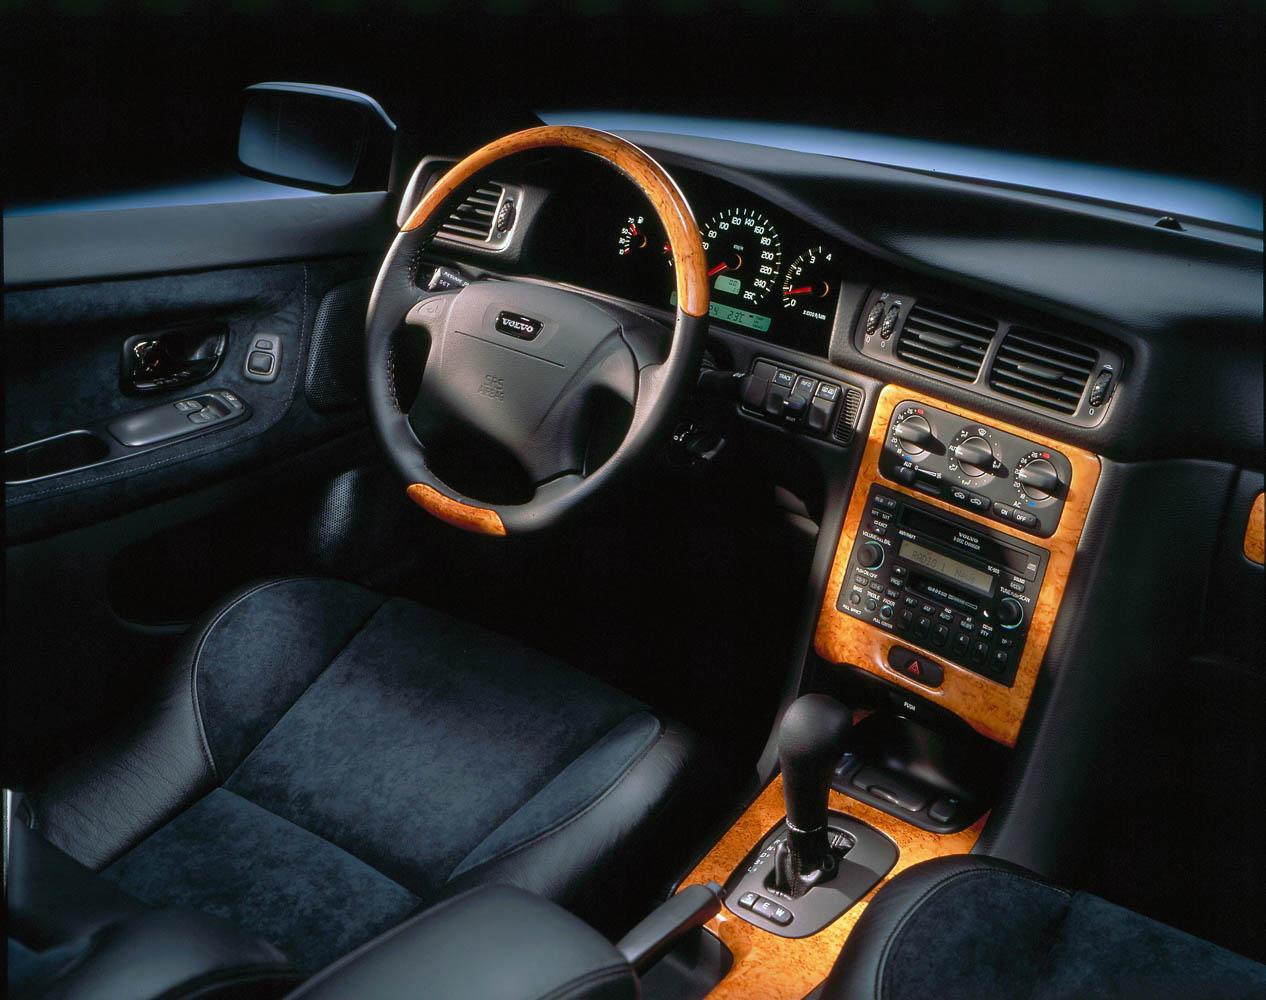 Paris Motor Show 1996 Weltpremiere Volvo C70 Awr Autoweltrevue Foto Coup Interior